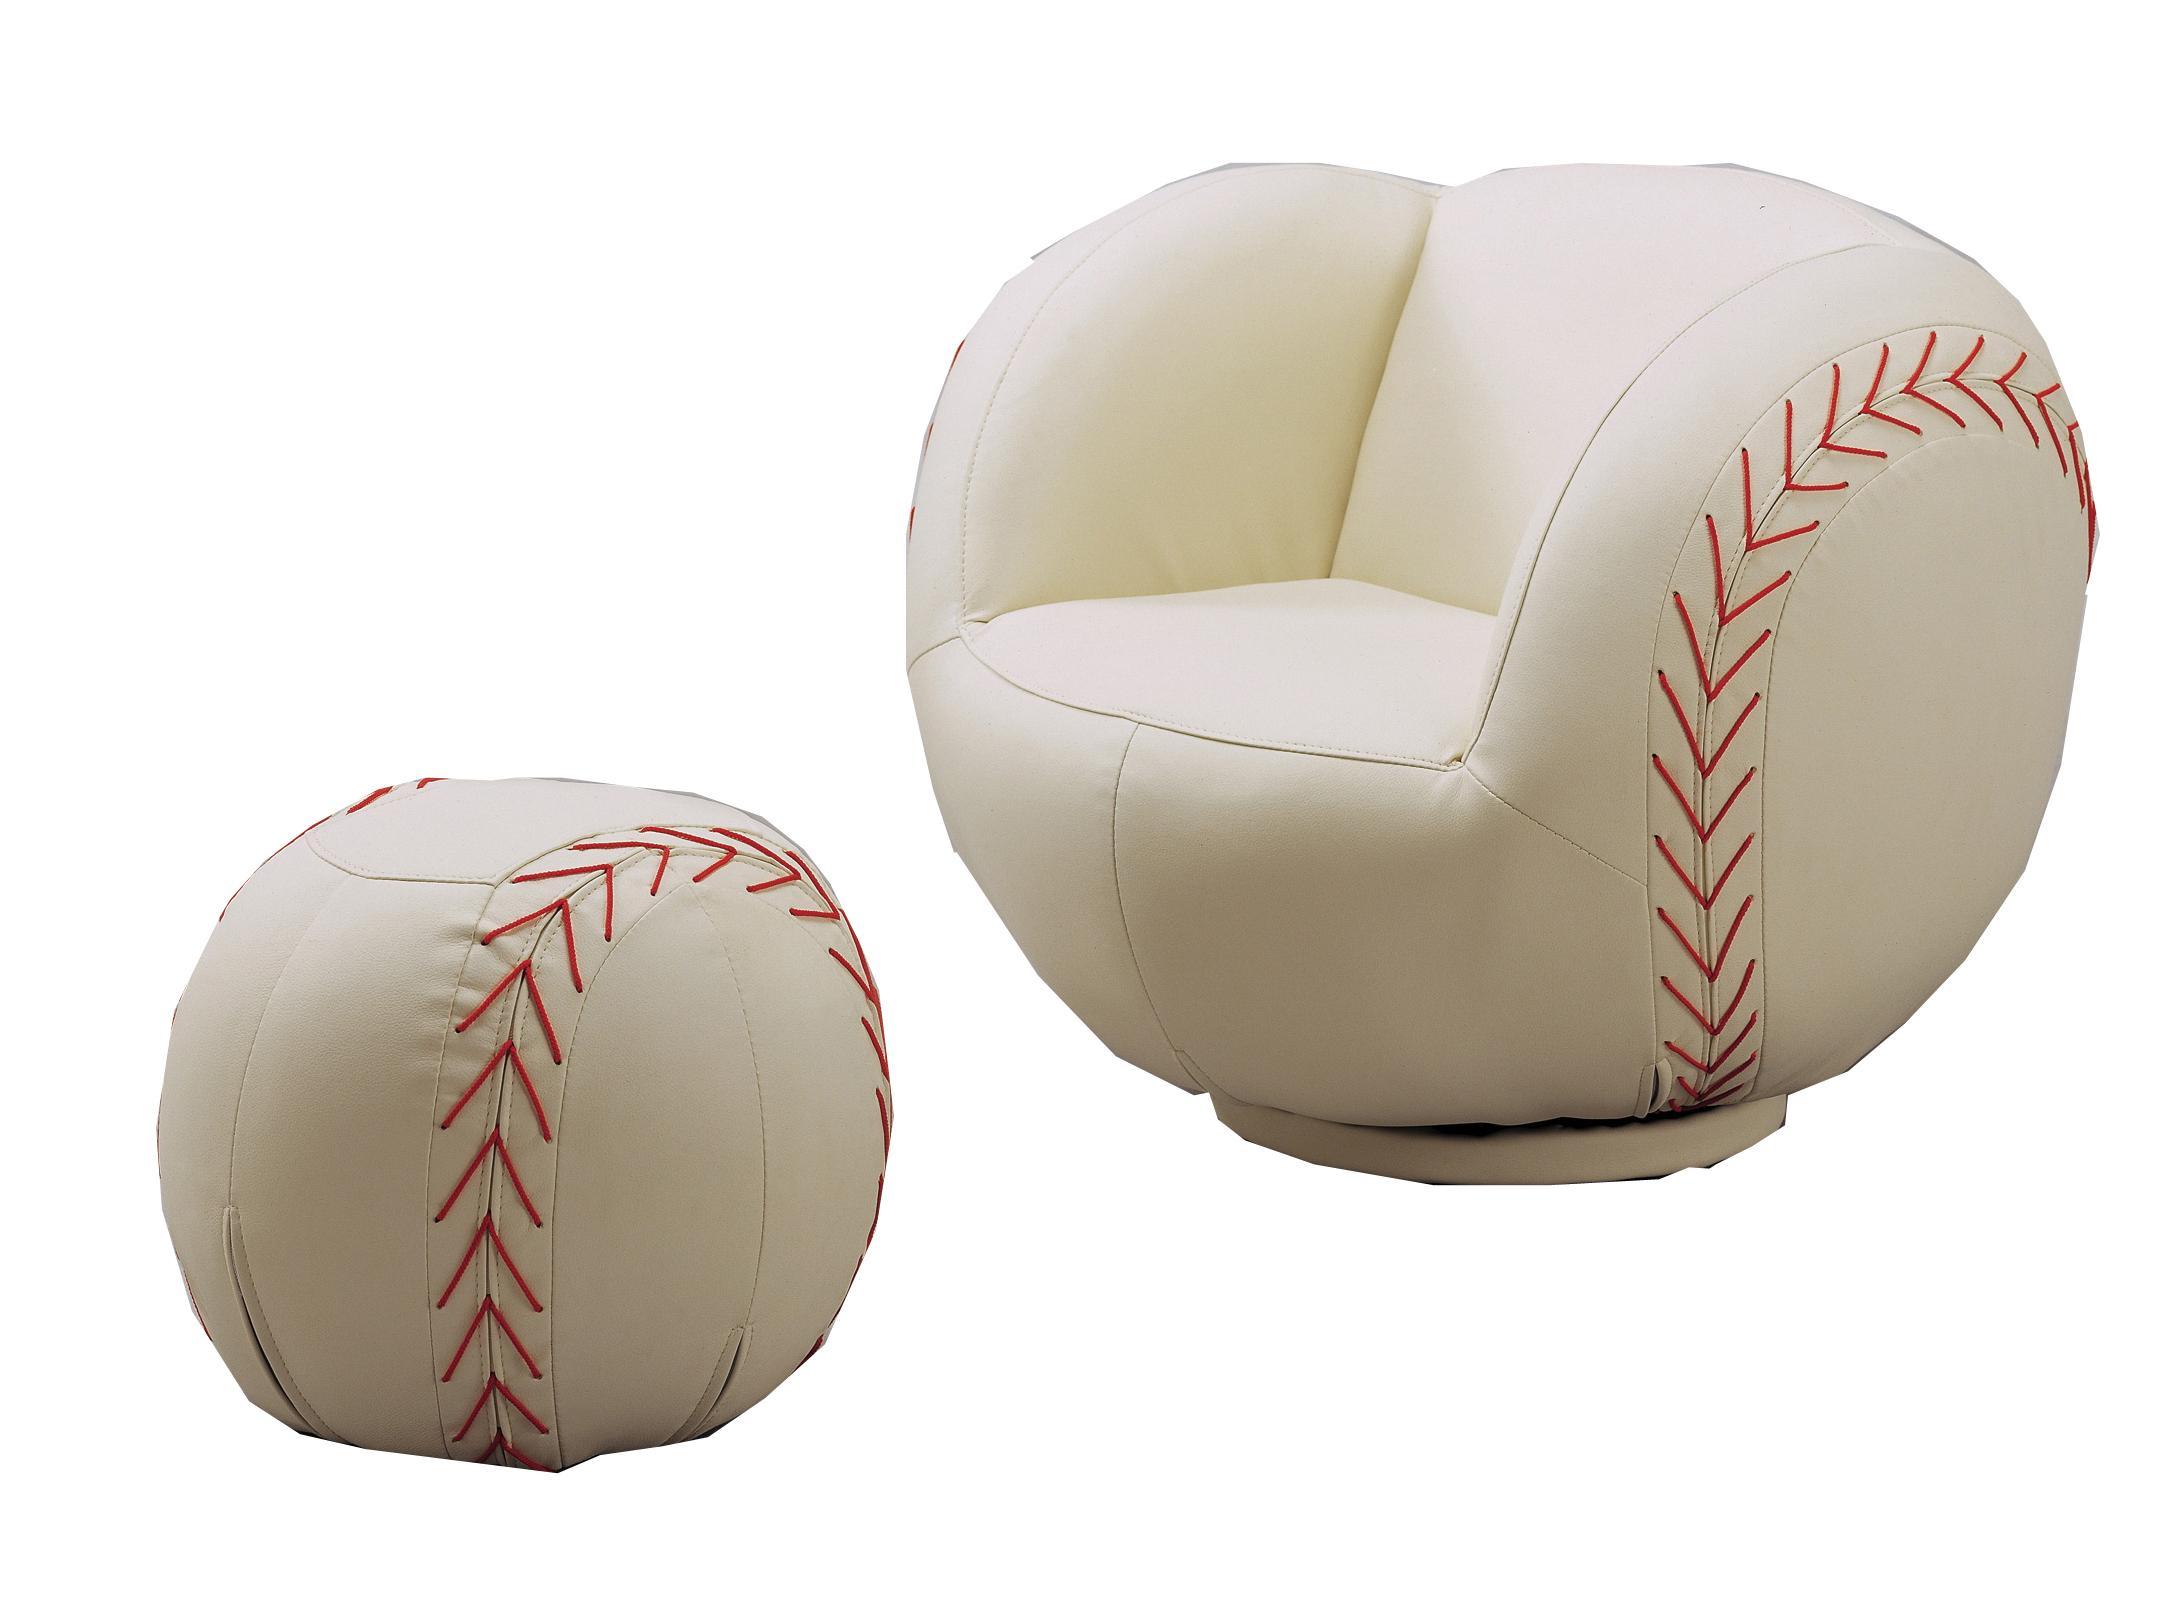 kids sports chairs black velvet dining australia crown mark sport 7001 baseball swivel chair ottoman chairsbaseball